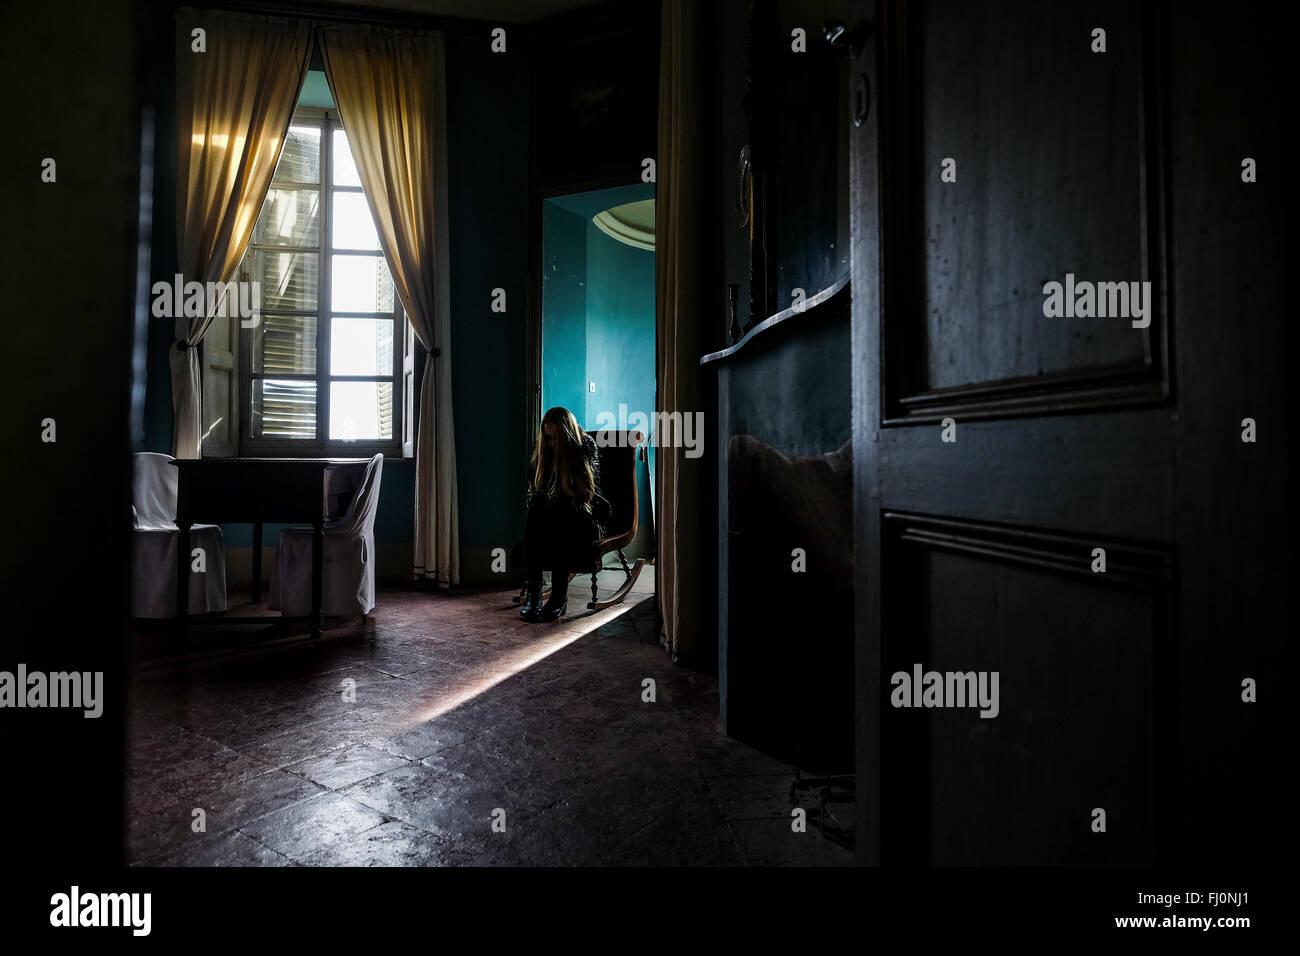 jeune femme assise dans une chambre sombre banque d'images, photo